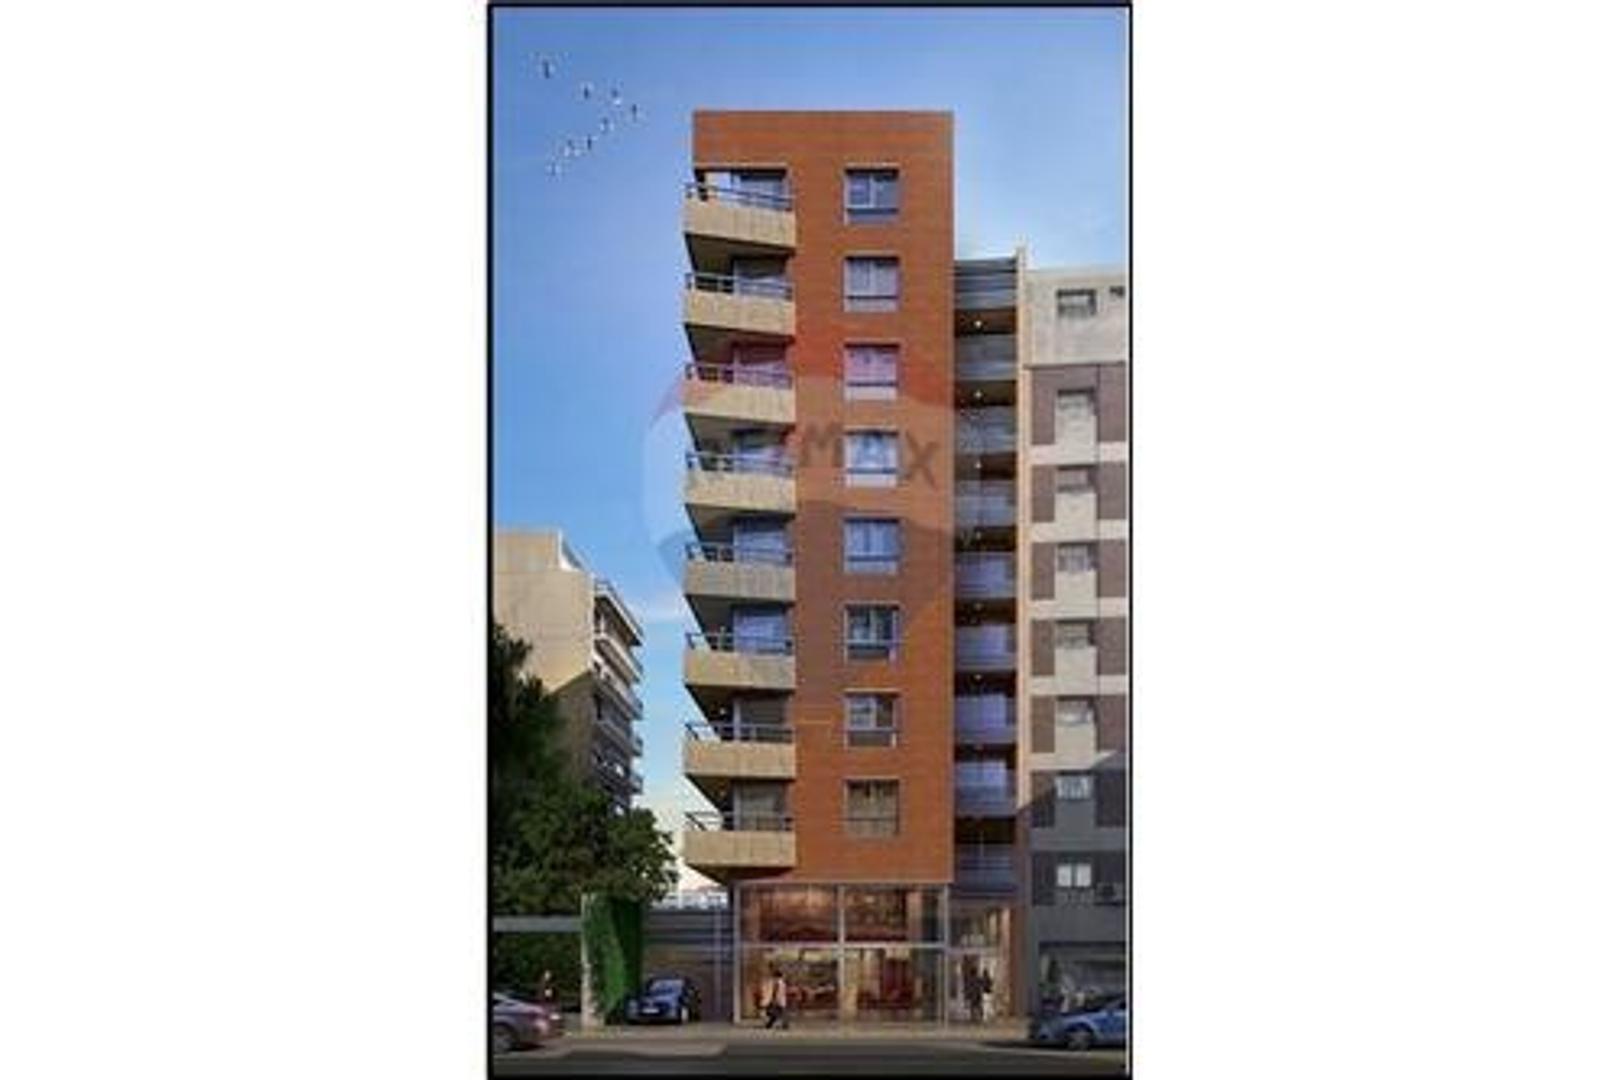 DEPARTAMENTO 1 AMB. 36 m2 INVERSIÓN SEGURA